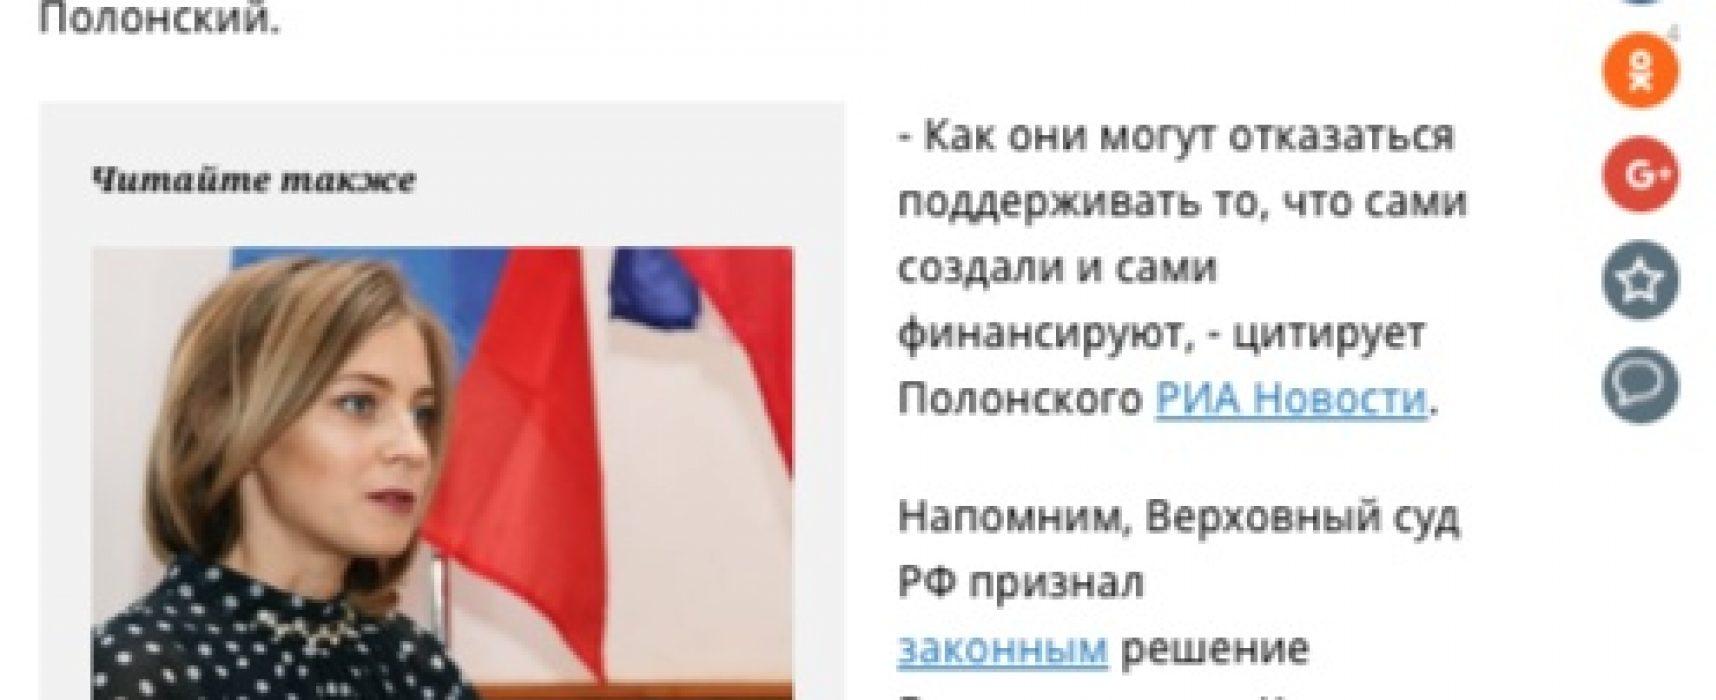 Фейк: Крымский Меджлис – «детище» американского Госдепа